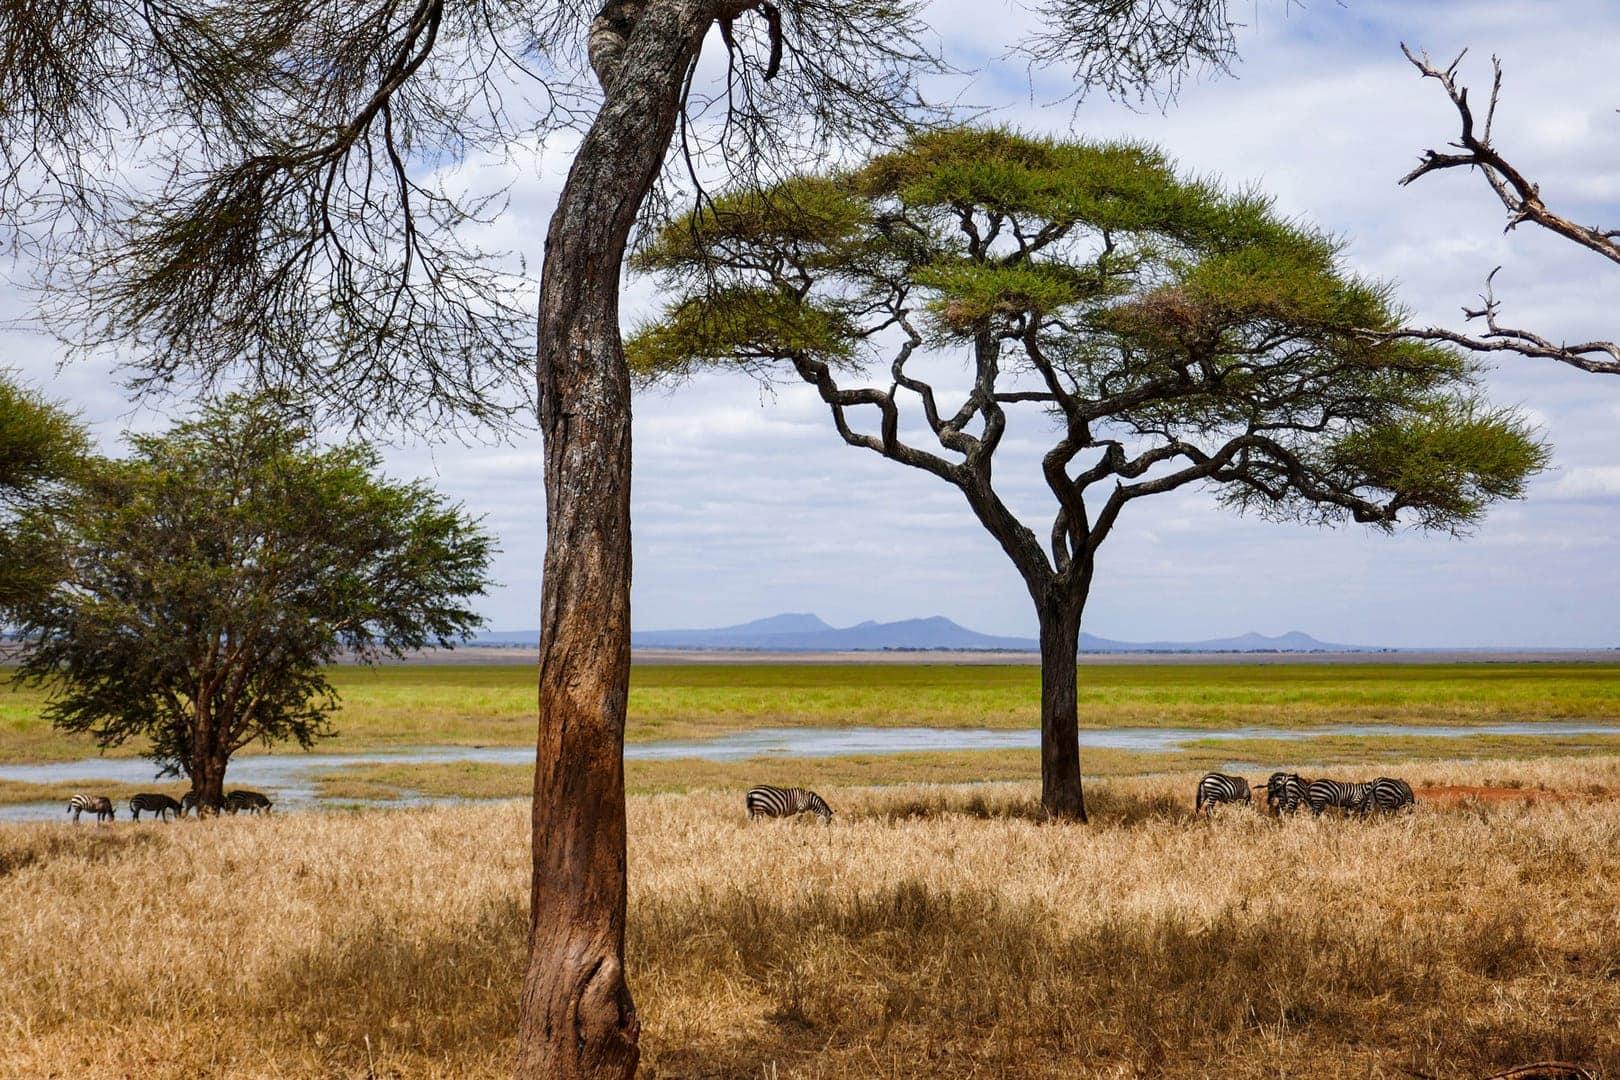 Friedlich grasende Zebras unter Schirmakazien, Savanne, Sumpf, endlose Weite. Da geht das Herz auf!